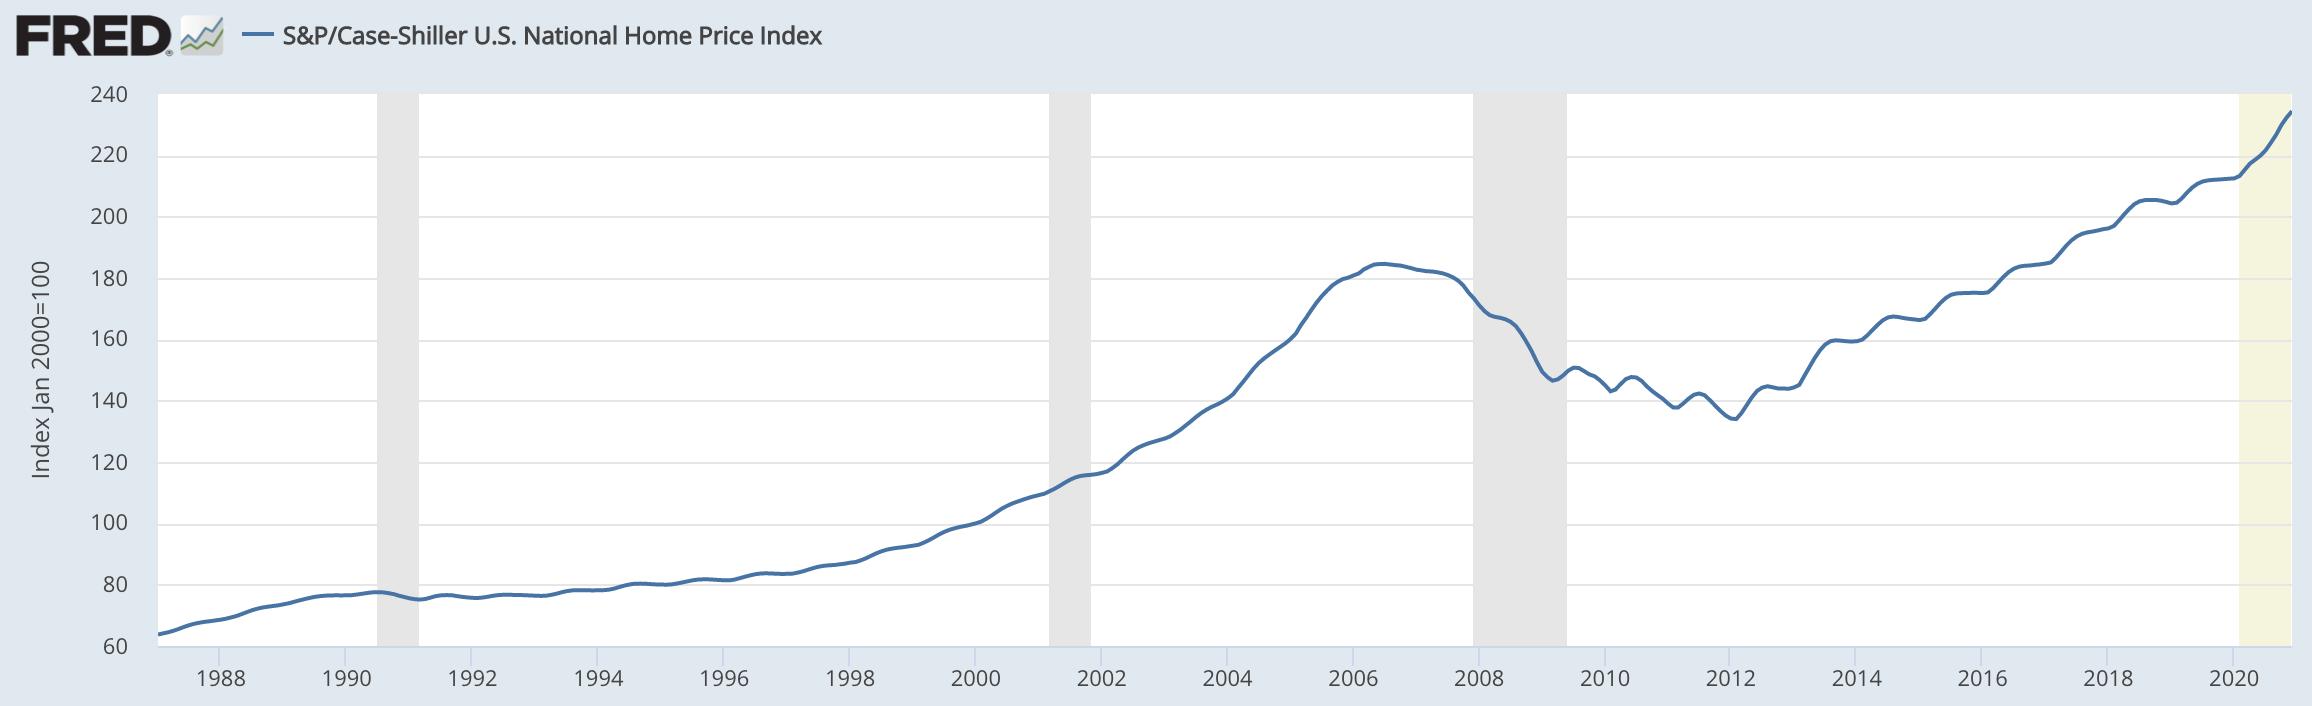 Case Schiller Home Price Index 1988 2020